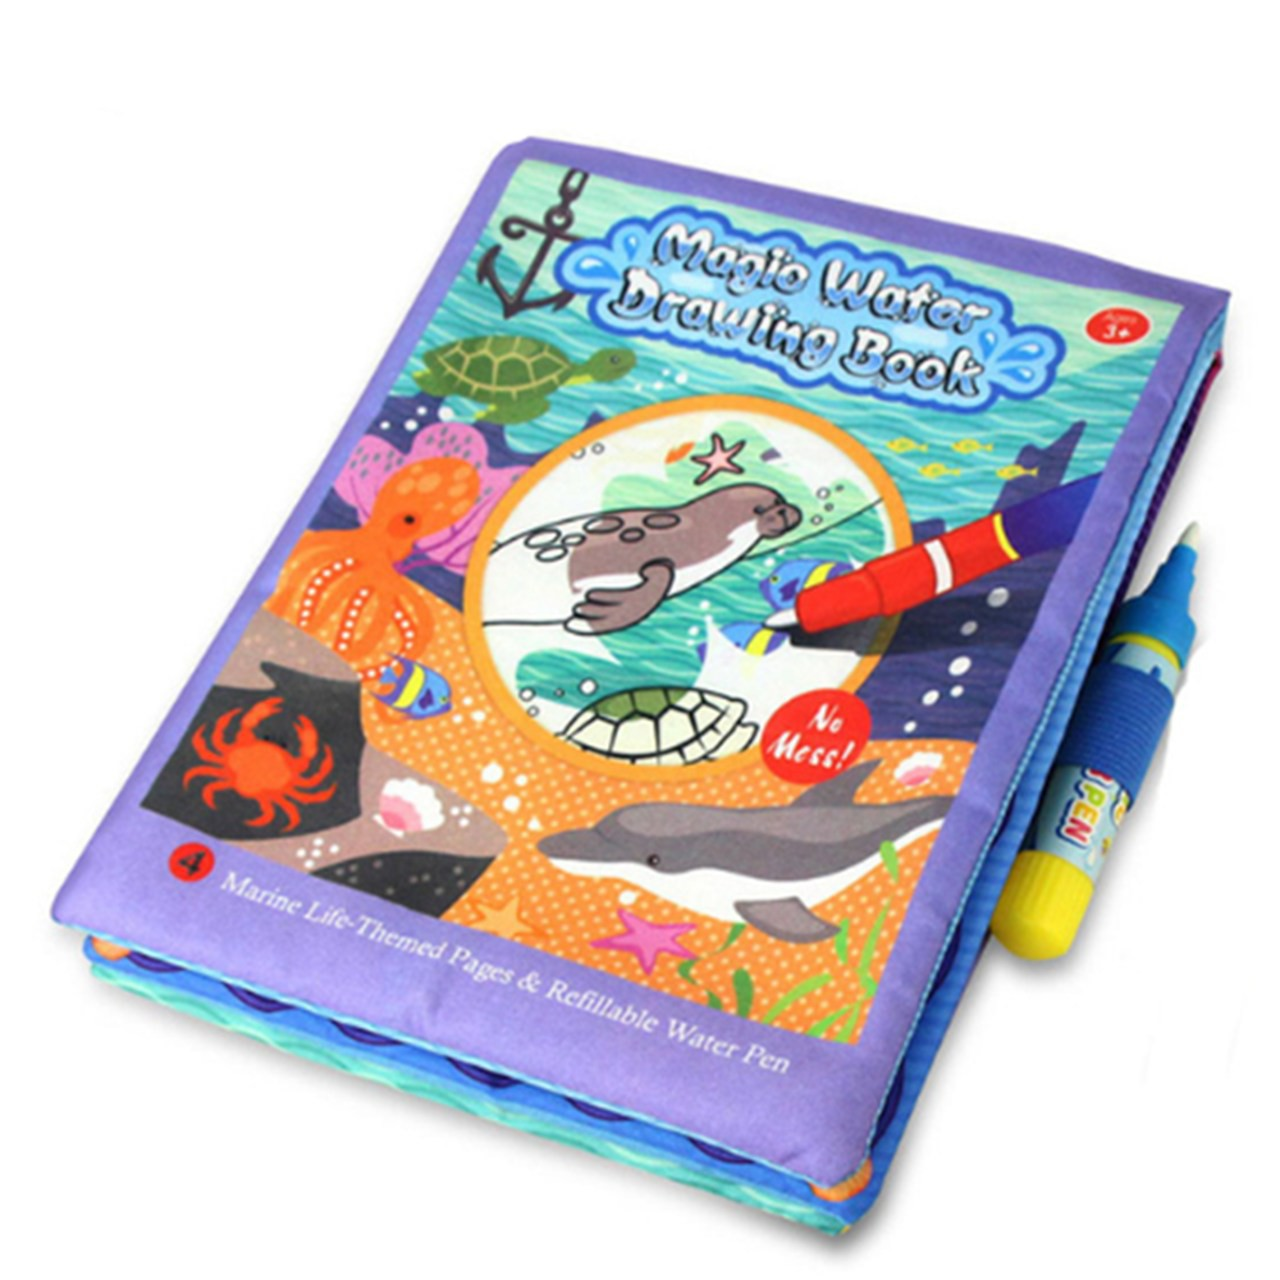 Livro de tecido para bebê caneta mágica vida marinha